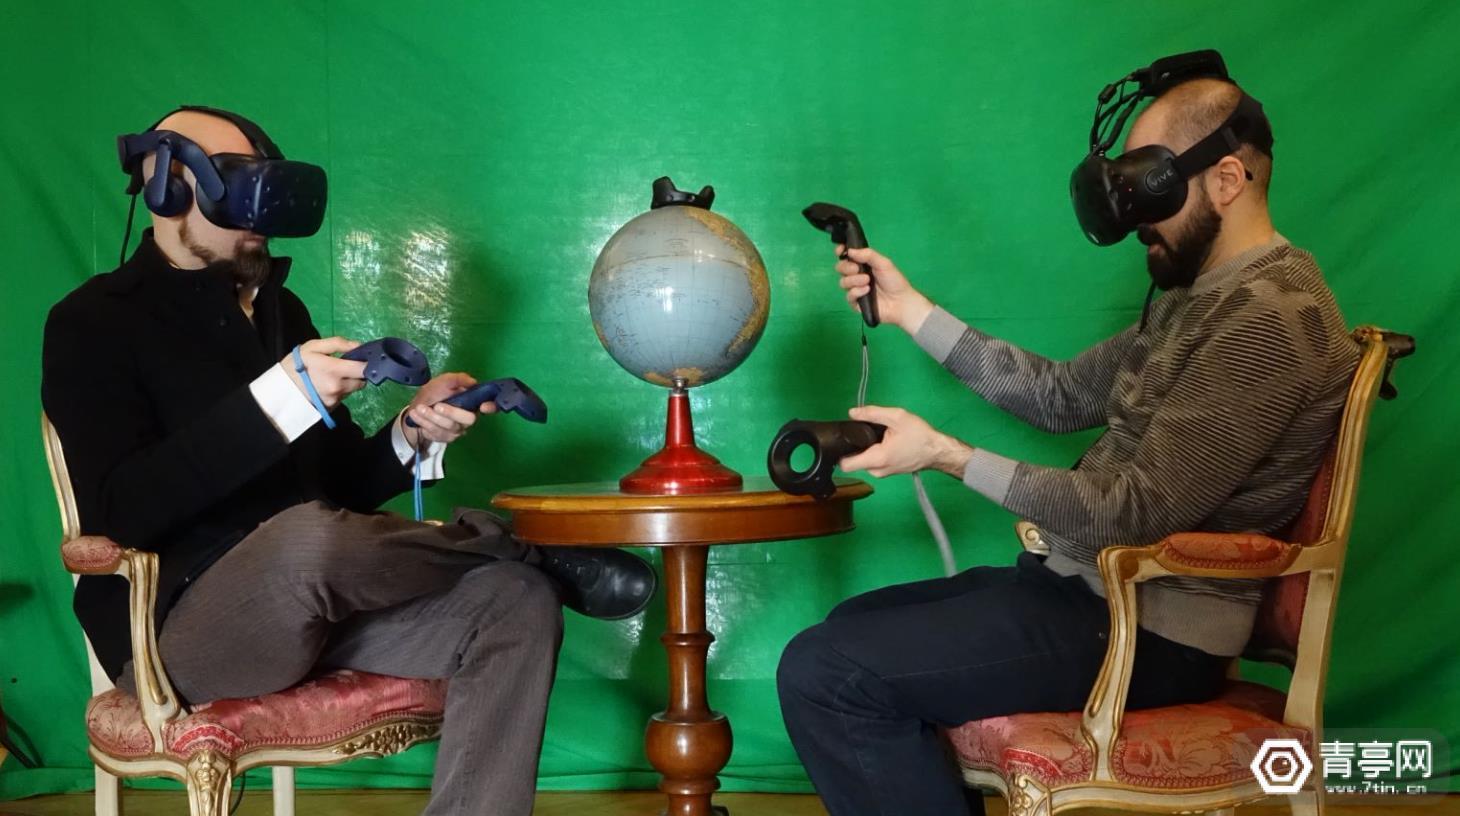 """关于""""30天挑战VR生活""""项目,这里有你想知道的一切"""